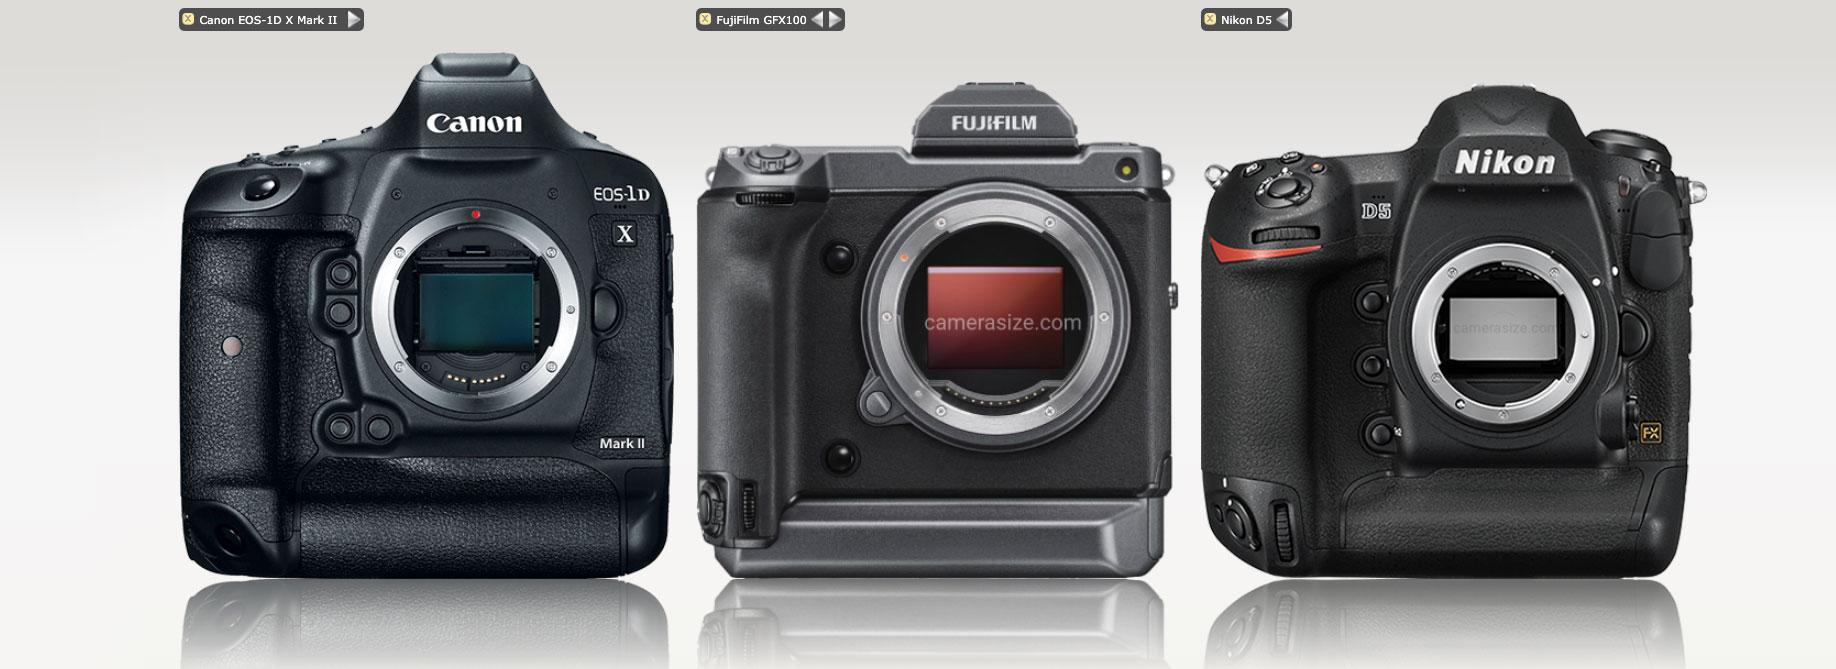 1DX-GFX100-D5.jpg